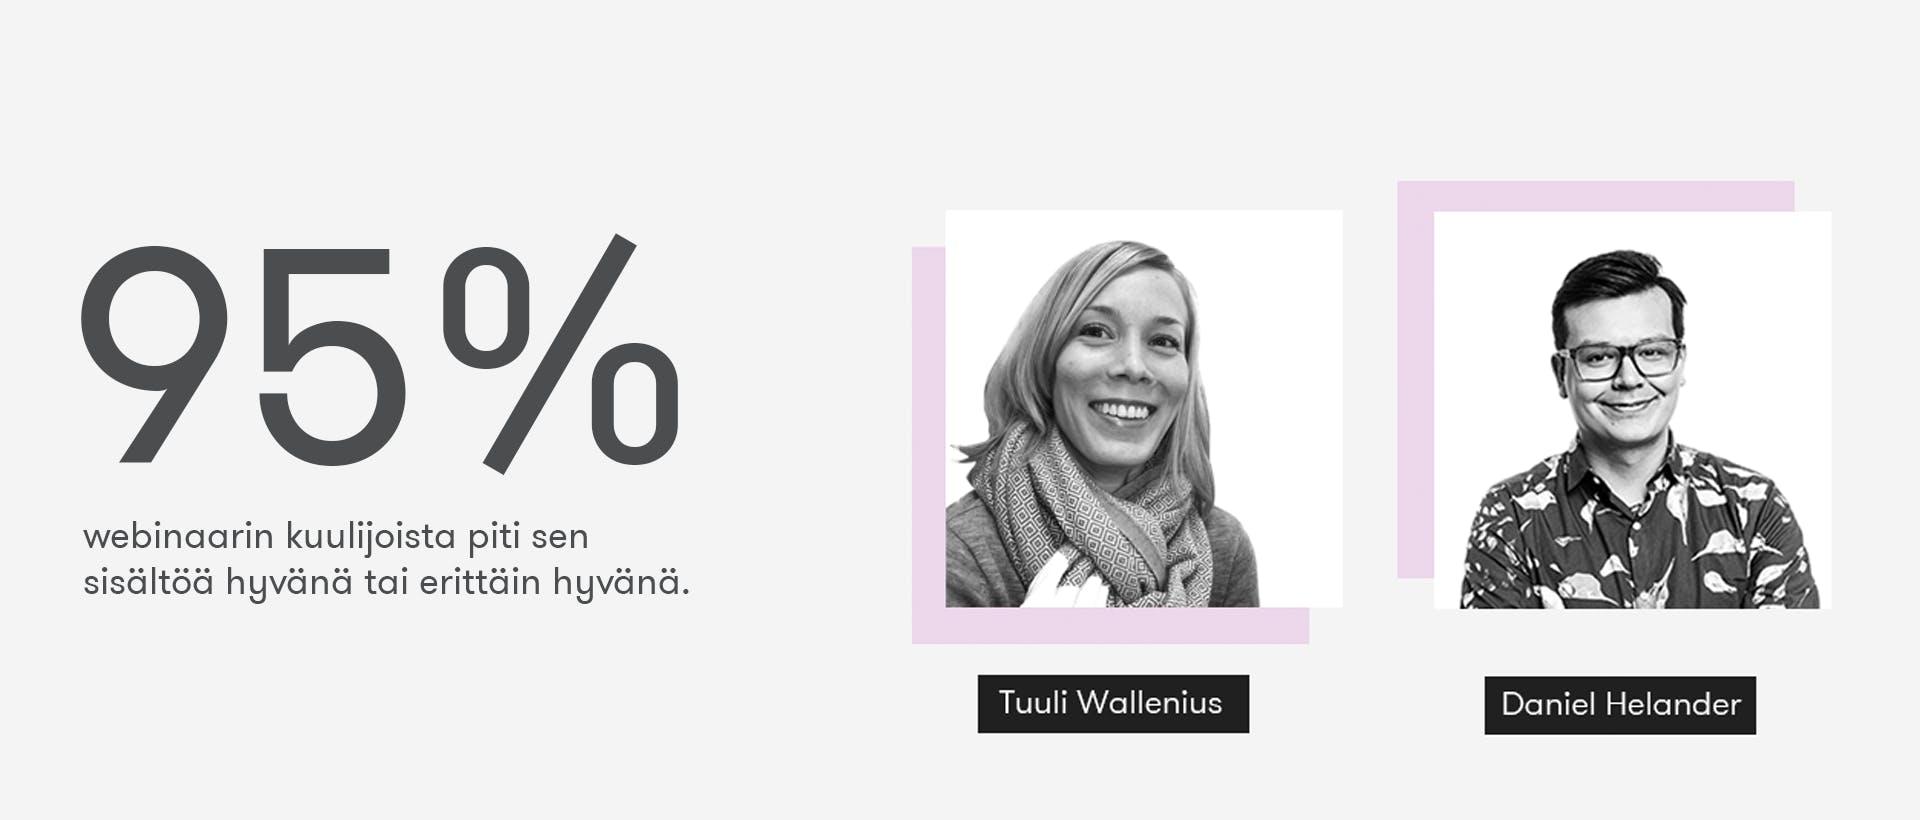 Rento ja toimiva viranomaisviestintä -webinaarin kuulijoista 95 % piti sen sisältöä hyvänä tai erittäin hyvänä. Kuvassa webinaarin puhujat Tuuli Wallenius ja Daniel Helander (Danielin kuva: Outi Törmälä / Quiet)